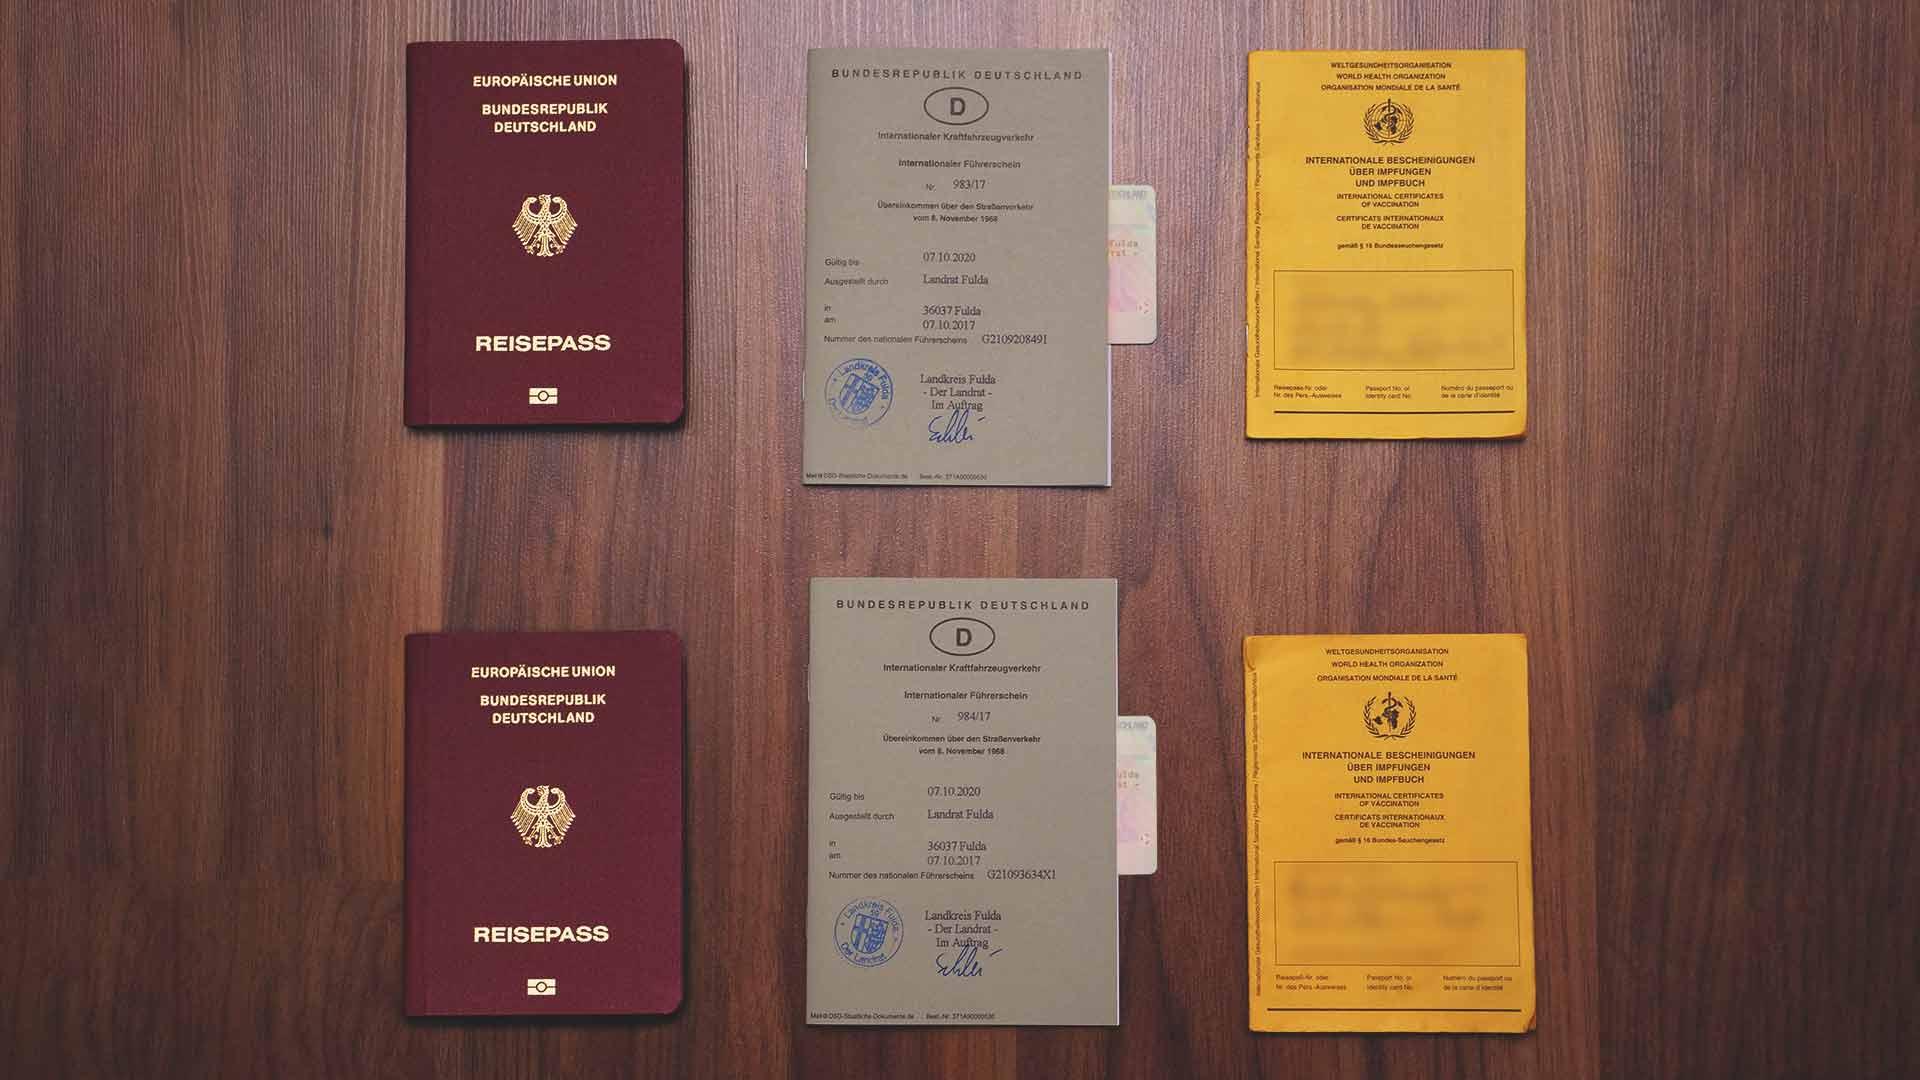 Backpacking Packliste Südostasien - Wichtige Dokumente - Reisepass, internationaler Führerschein und Impfausweis